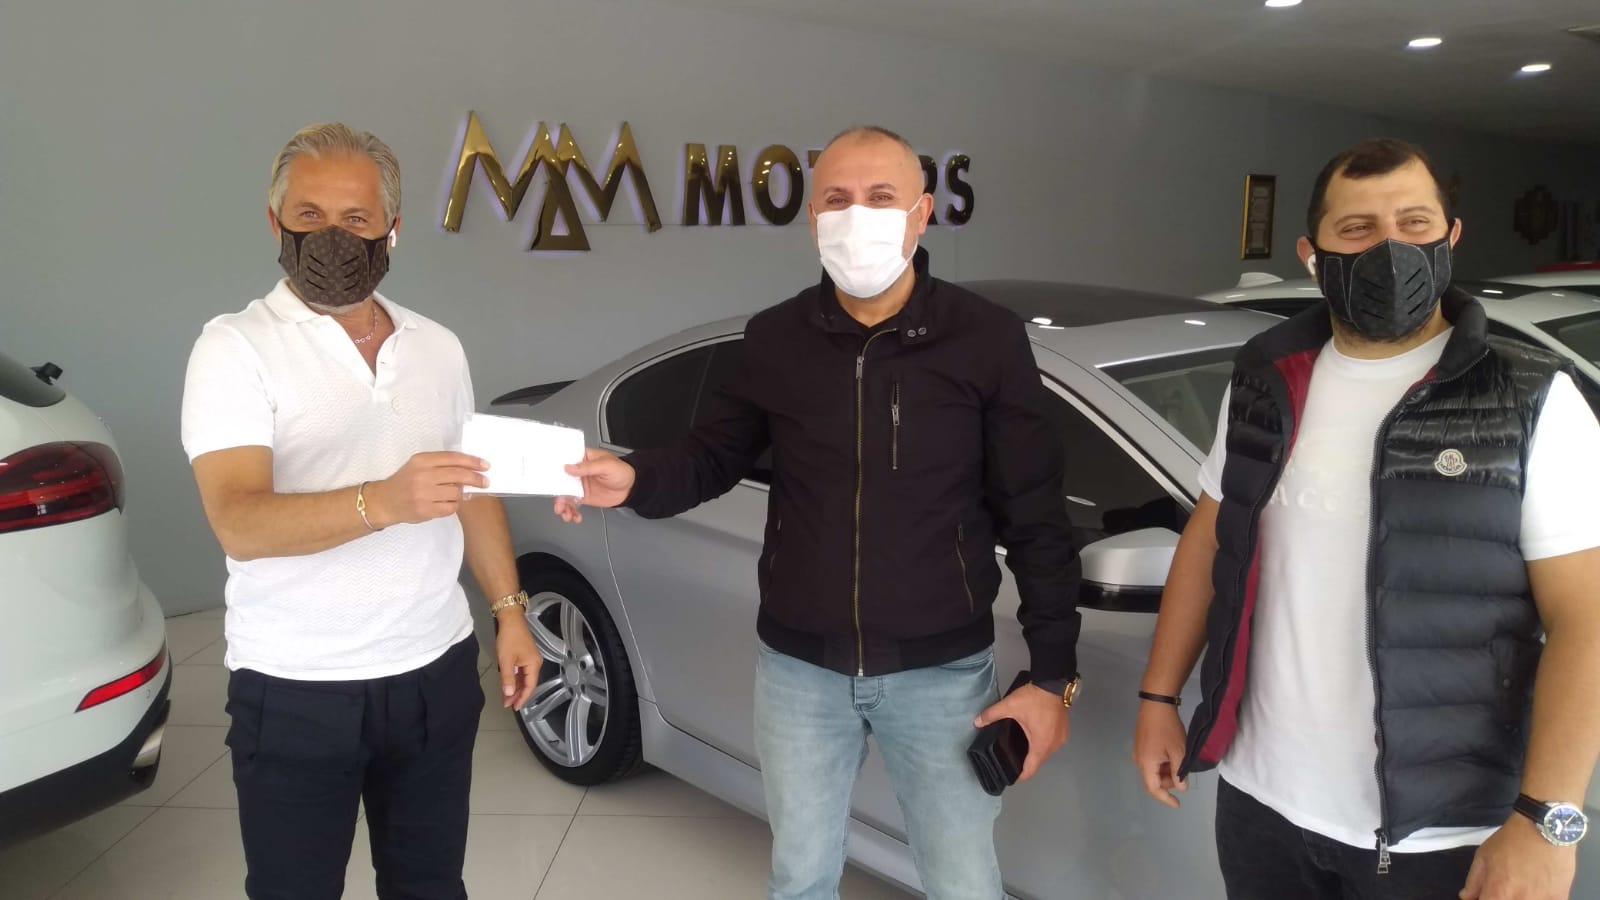 Mm motors müşterilerine maske dağıtıyor